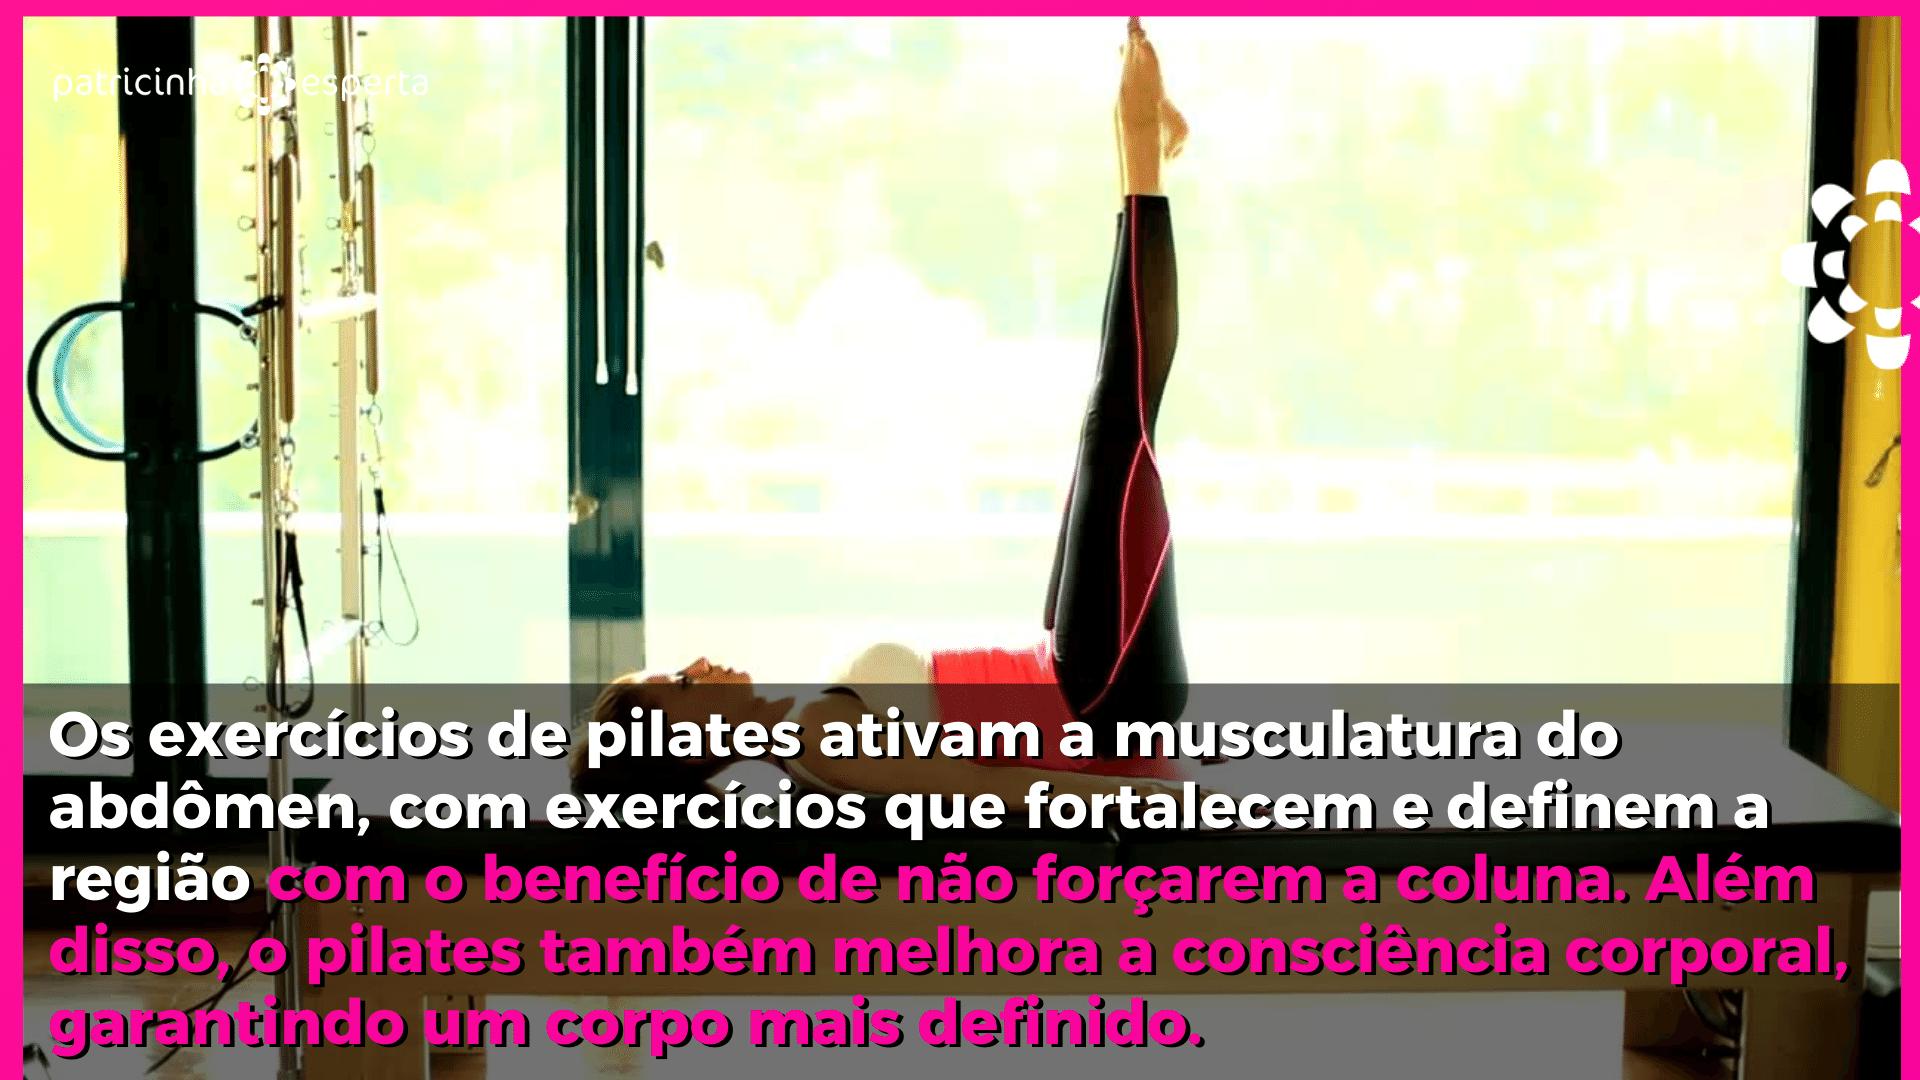 27 - Melhores Exercícios Para Perder Barriga Rápido